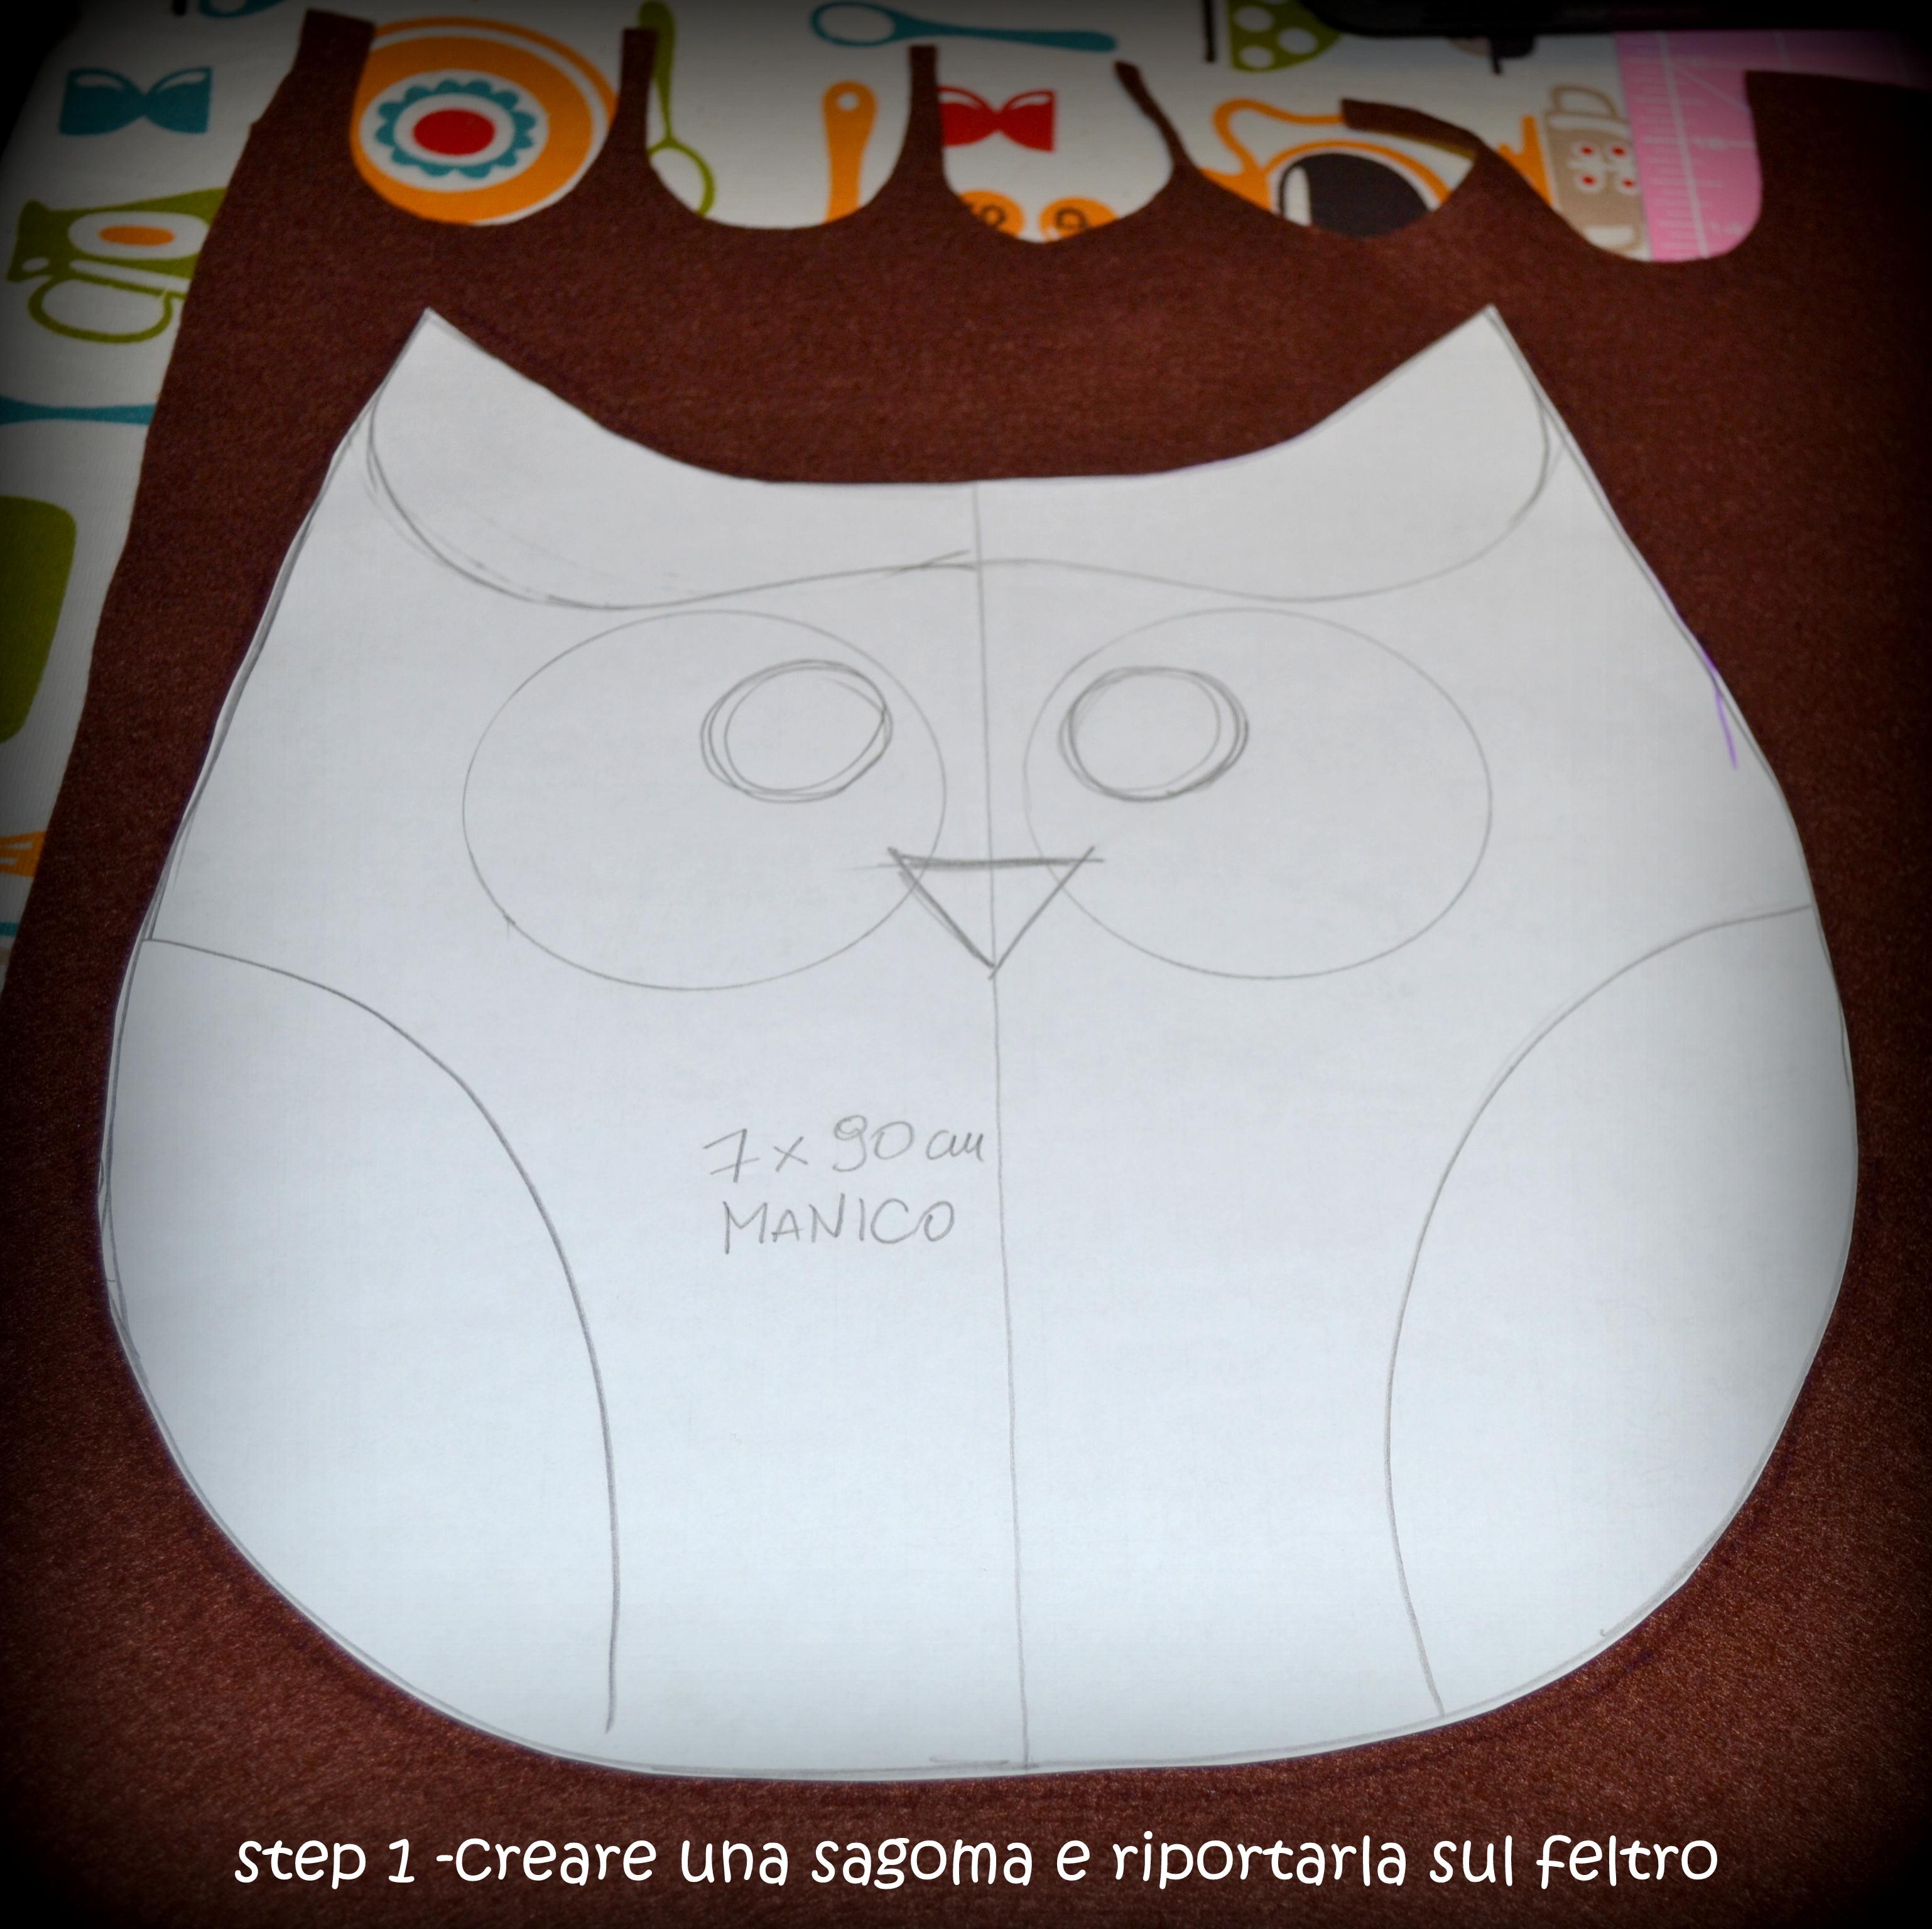 Estremamente cucito creativo /sewing projects – Pagina 6 WR11